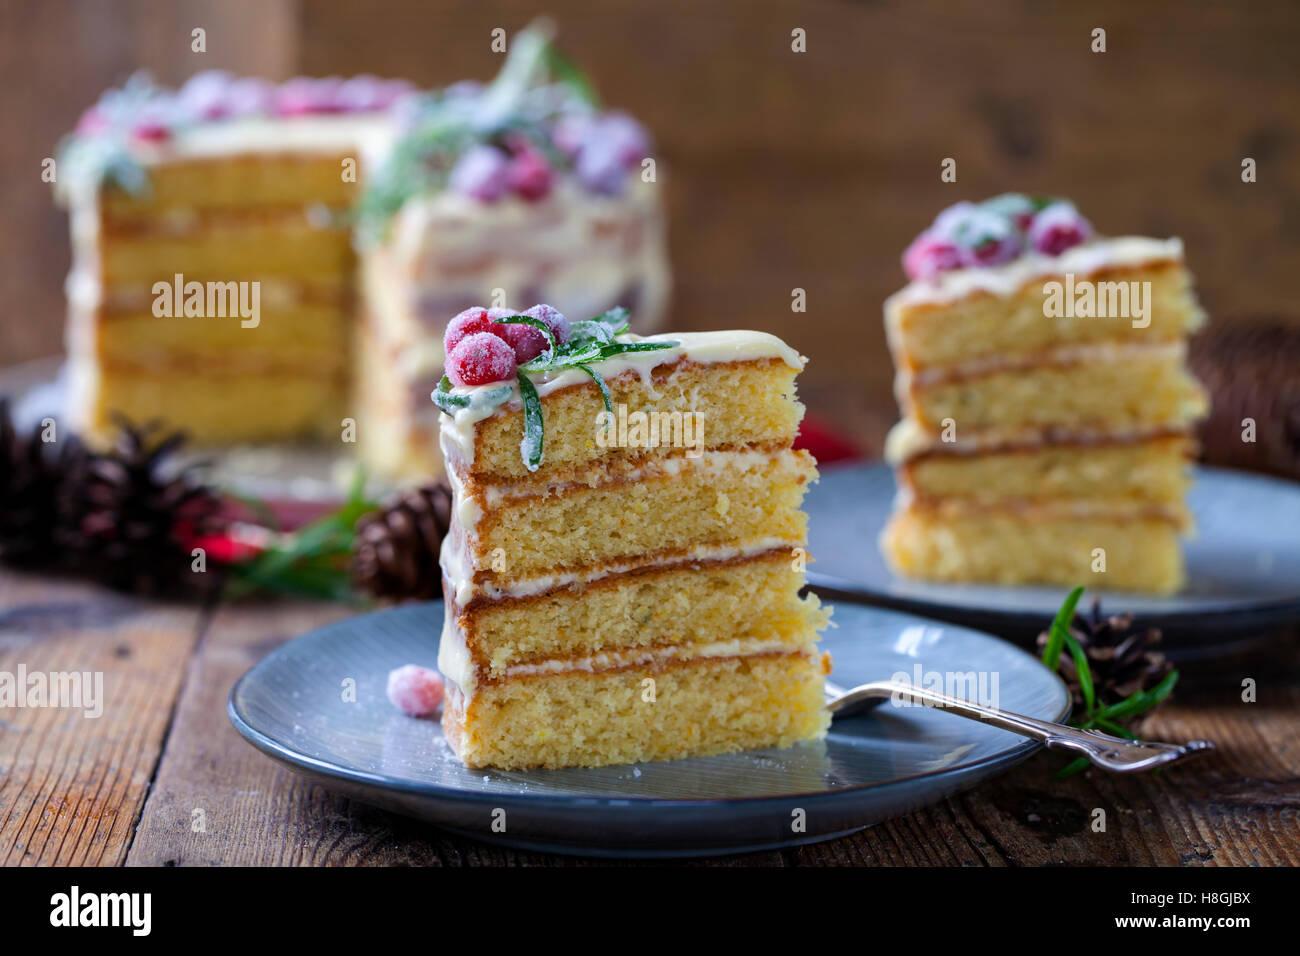 Gâteau de Noël en couches avec canneberges sucrées et romarin Photo Stock